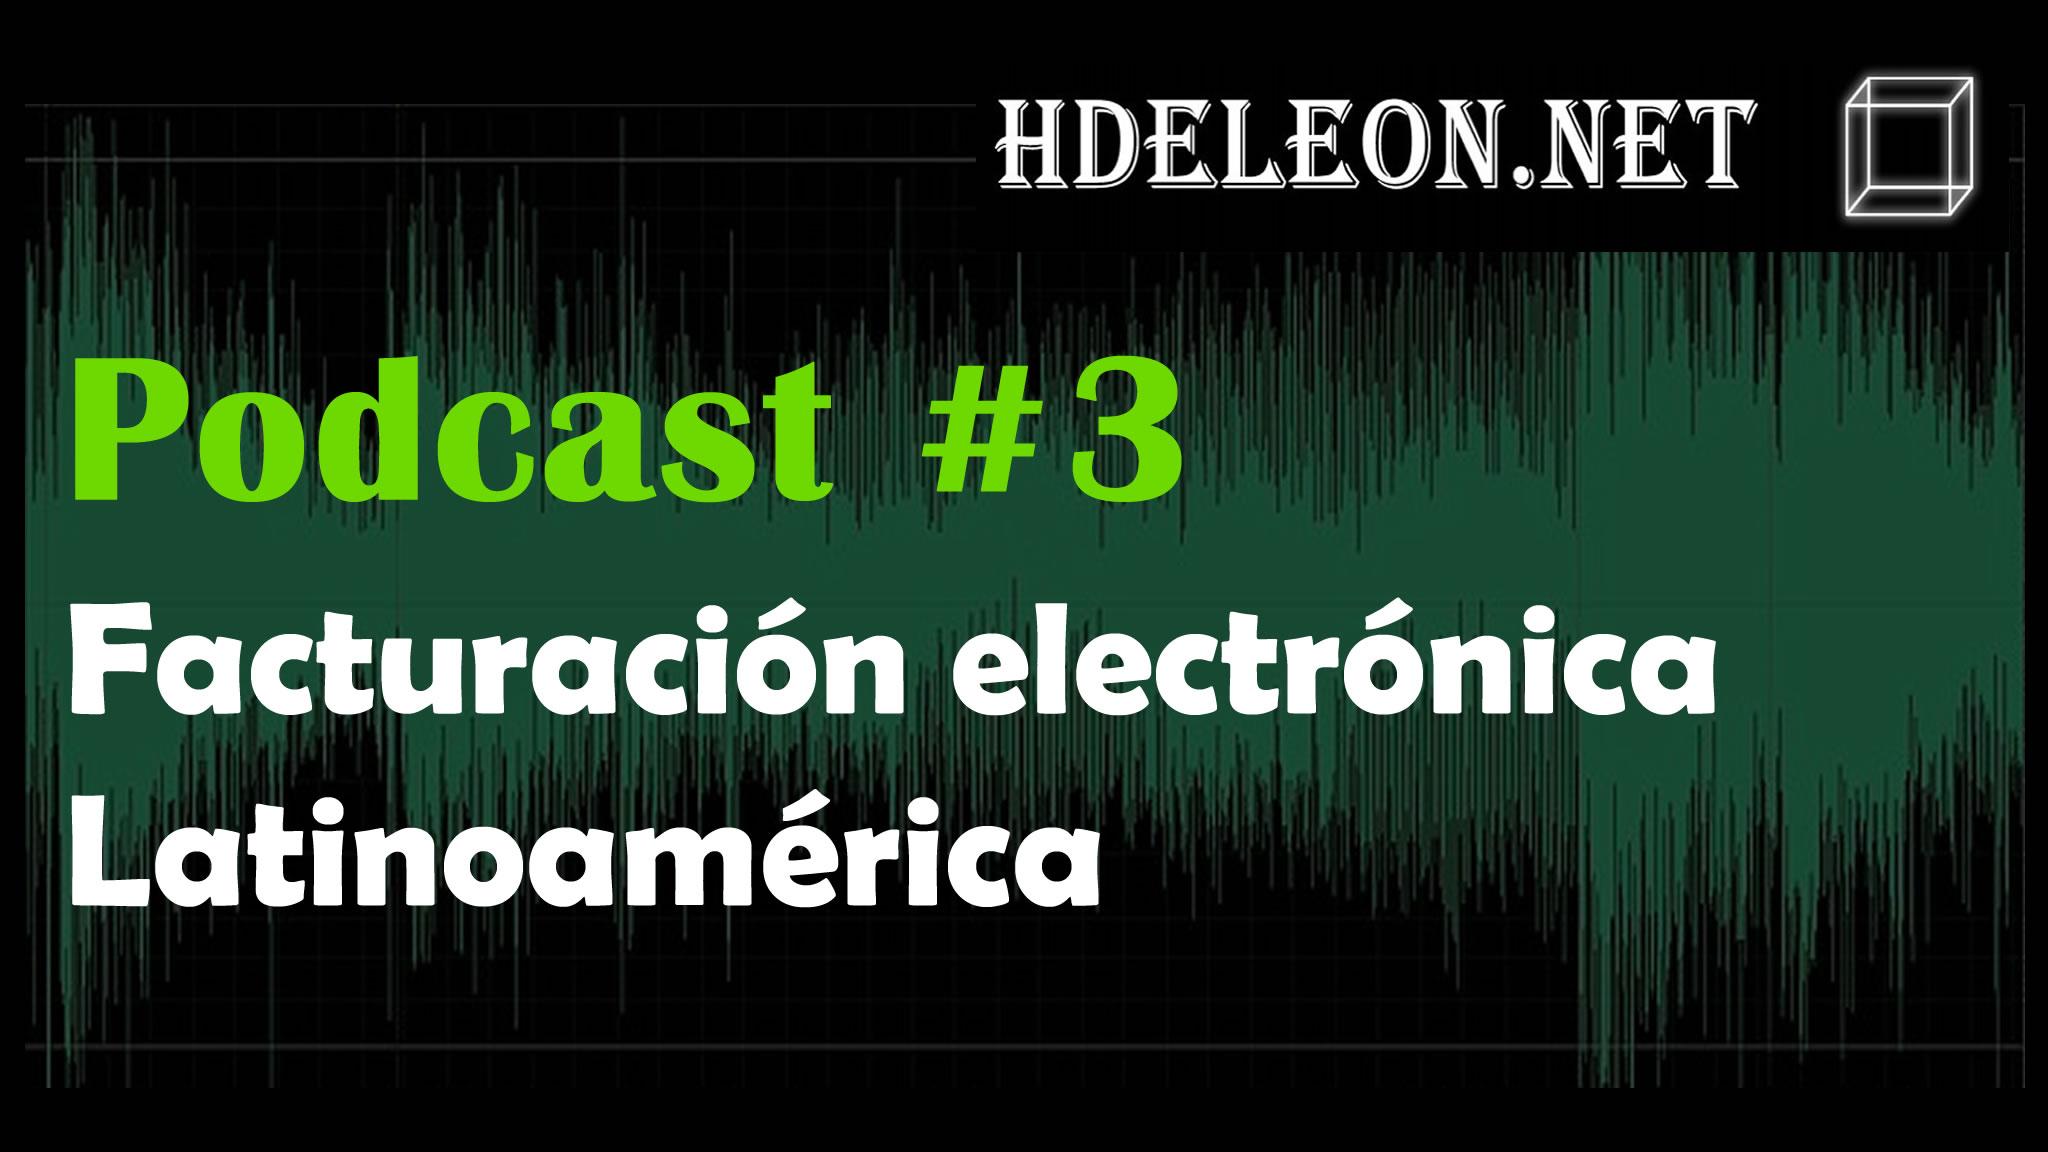 Podcast #3 – Facturación electrónica latinoamérica